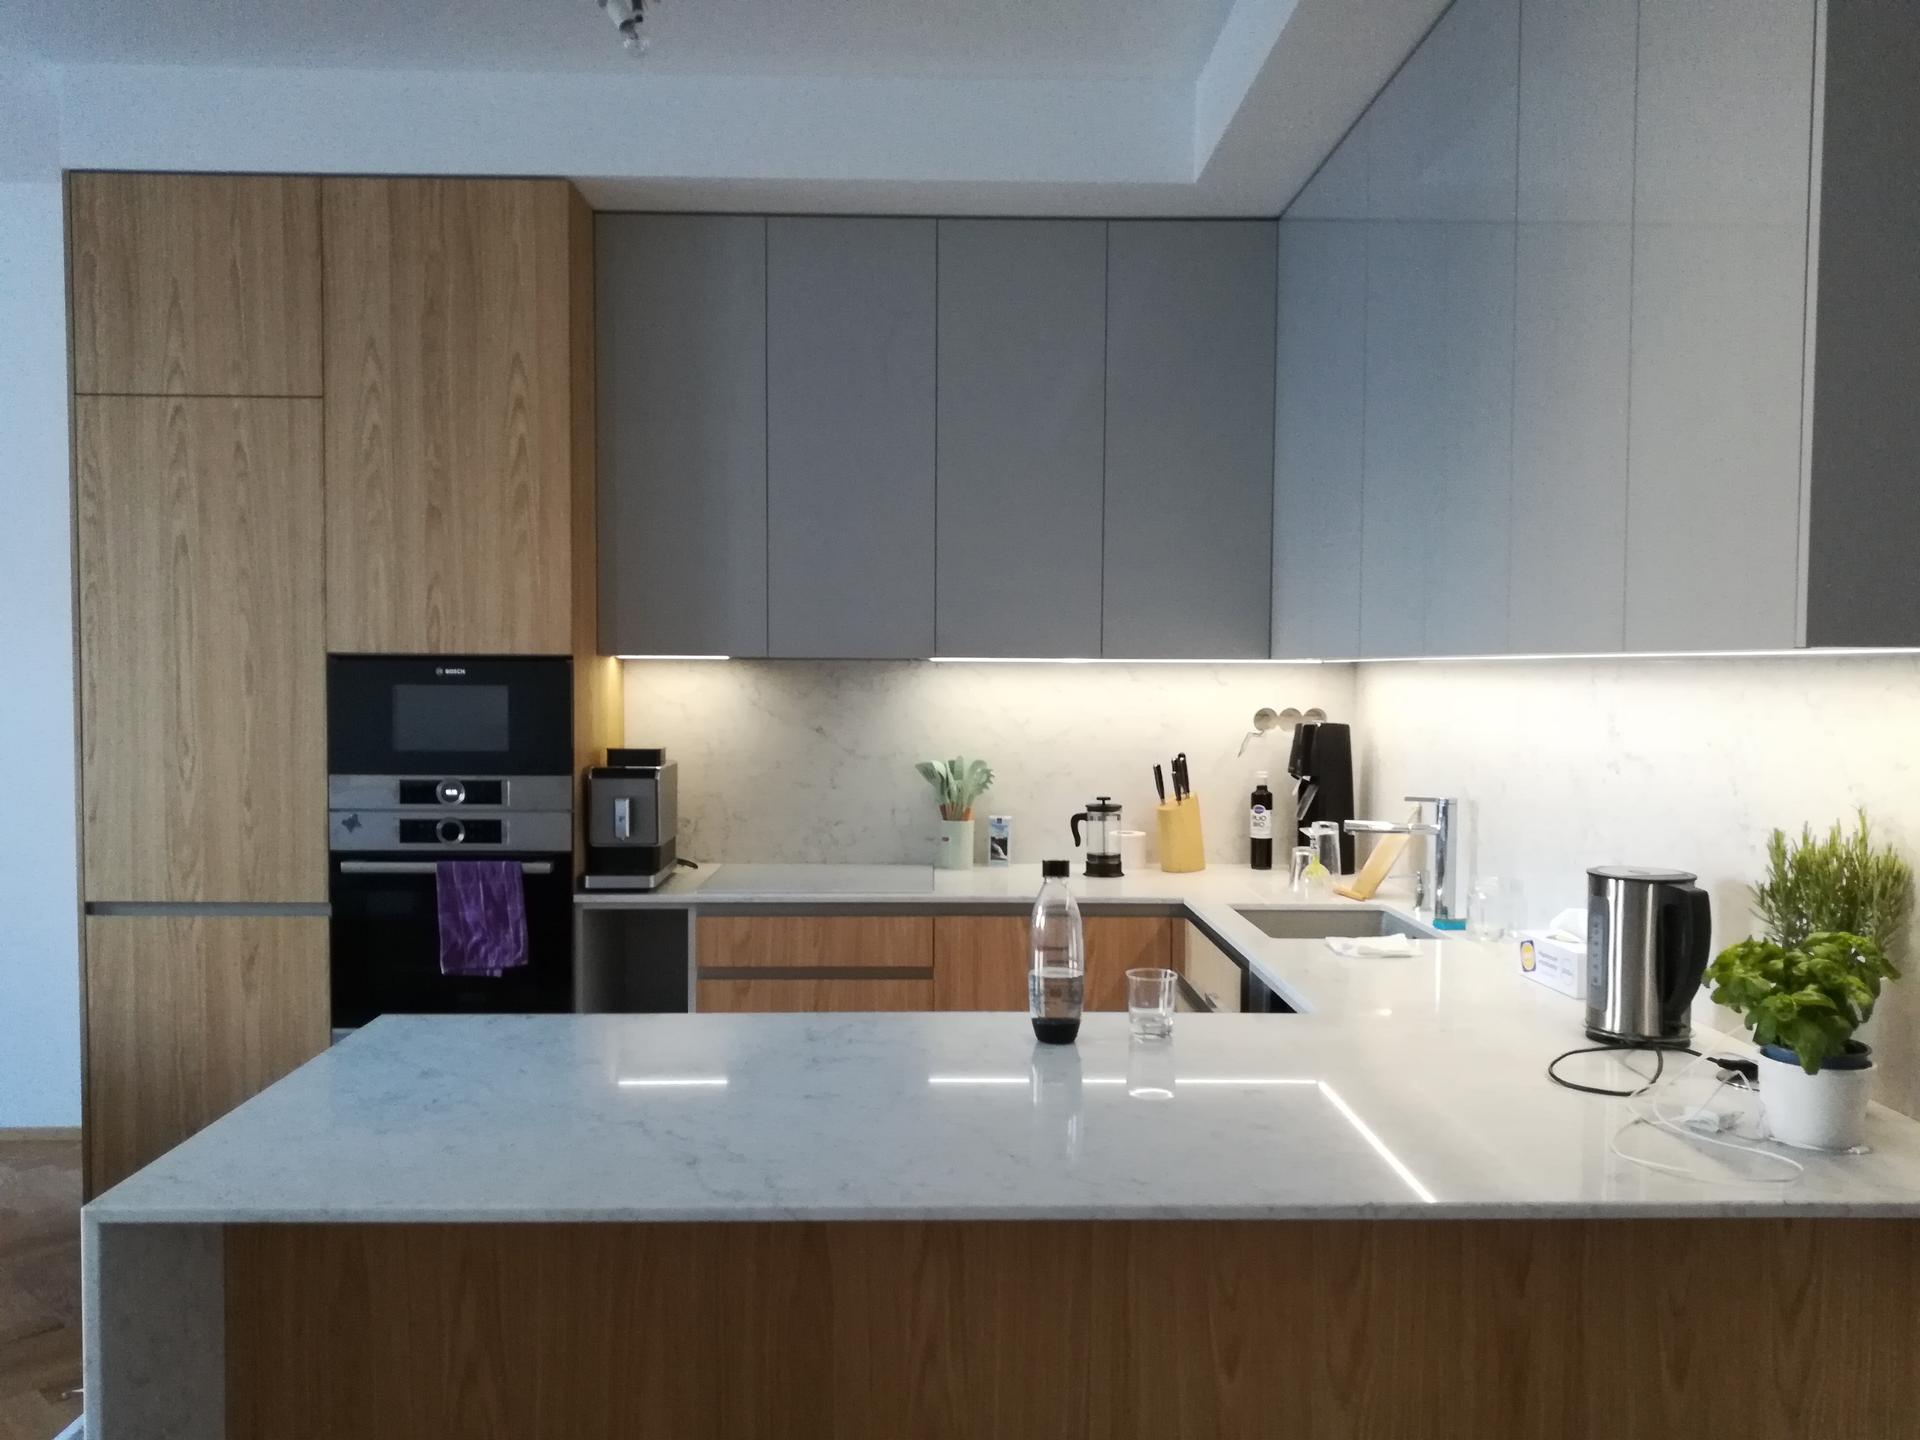 Kuchyňa 2 - Obrázok č. 23